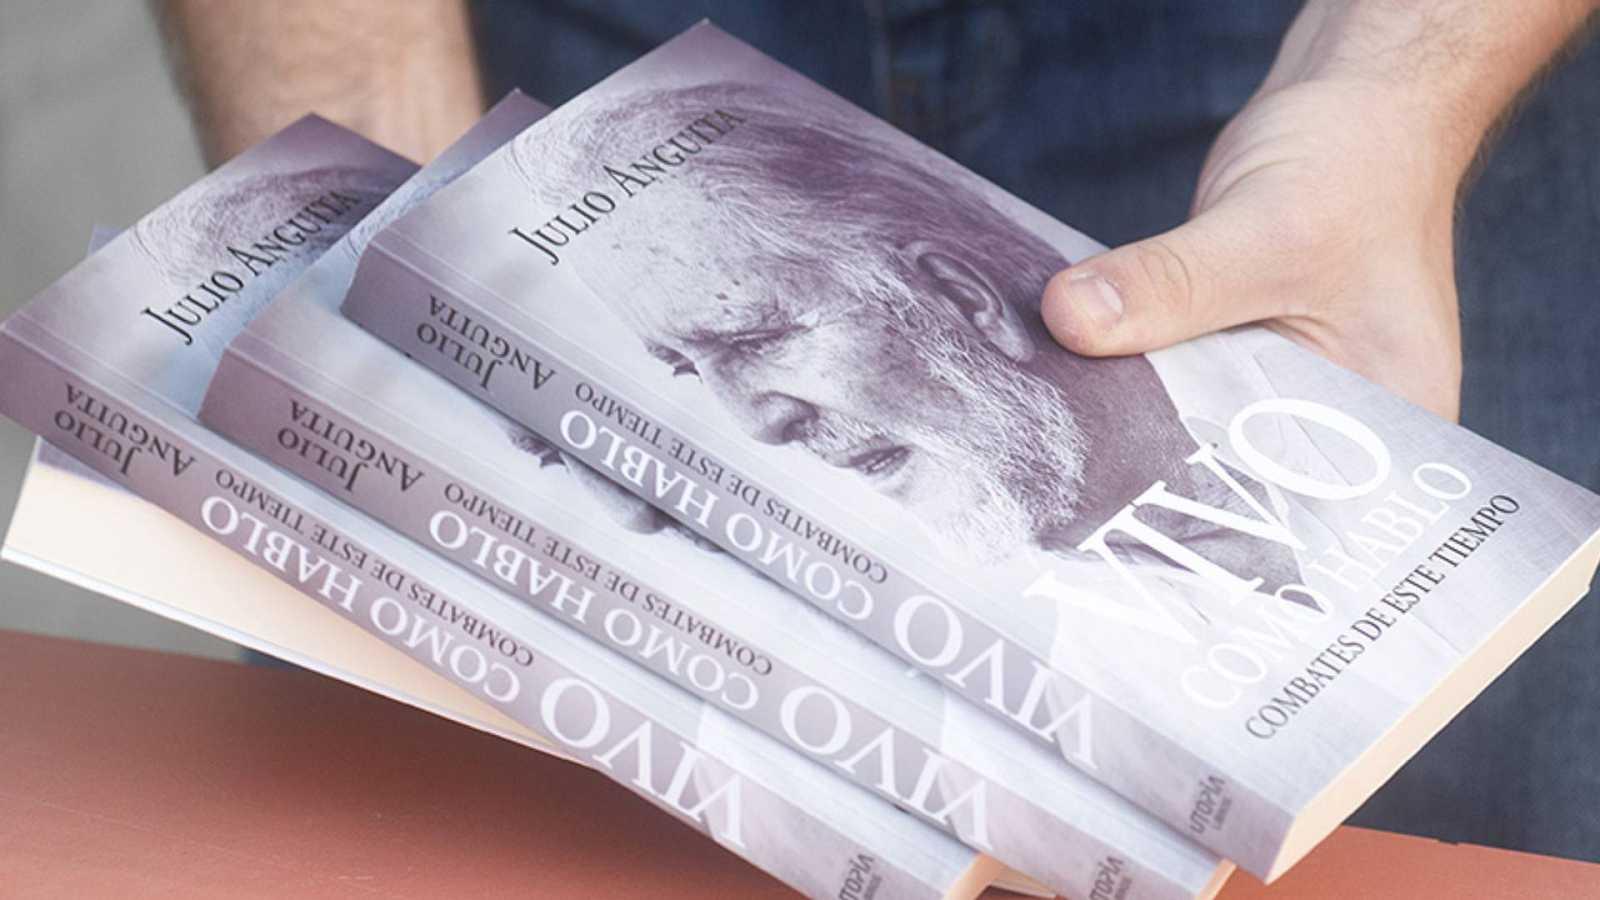 El ojo crítico - 'Vivo como hablo', legado y últimos escritos de Julio Anguita - Escuchar ahora